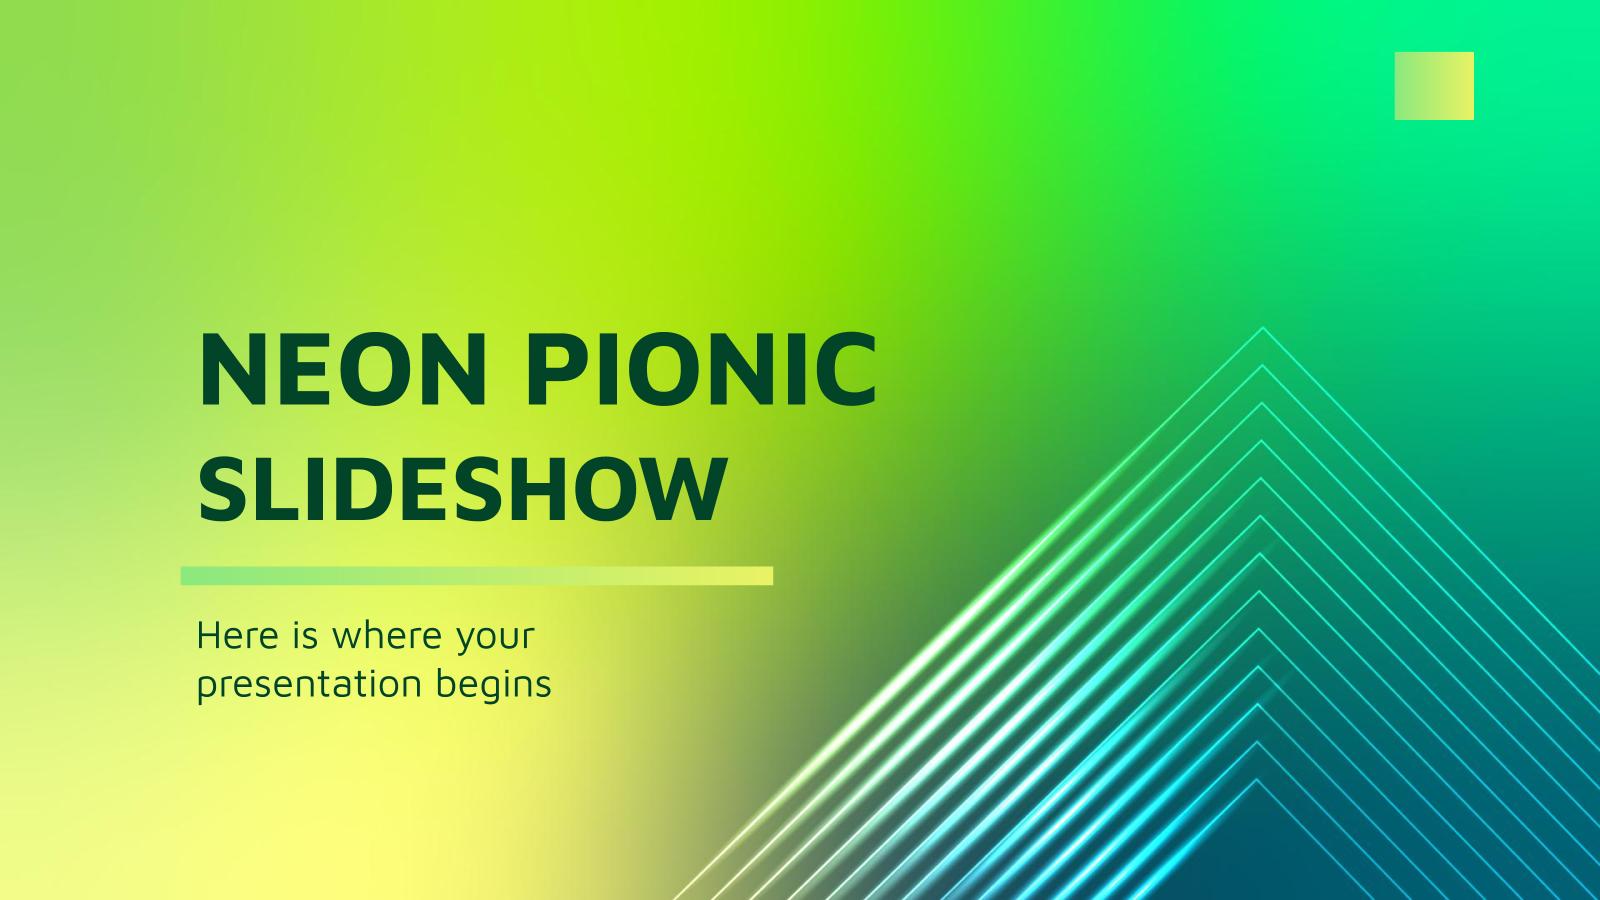 Diaporama néon Pionic : Modèles de présentation